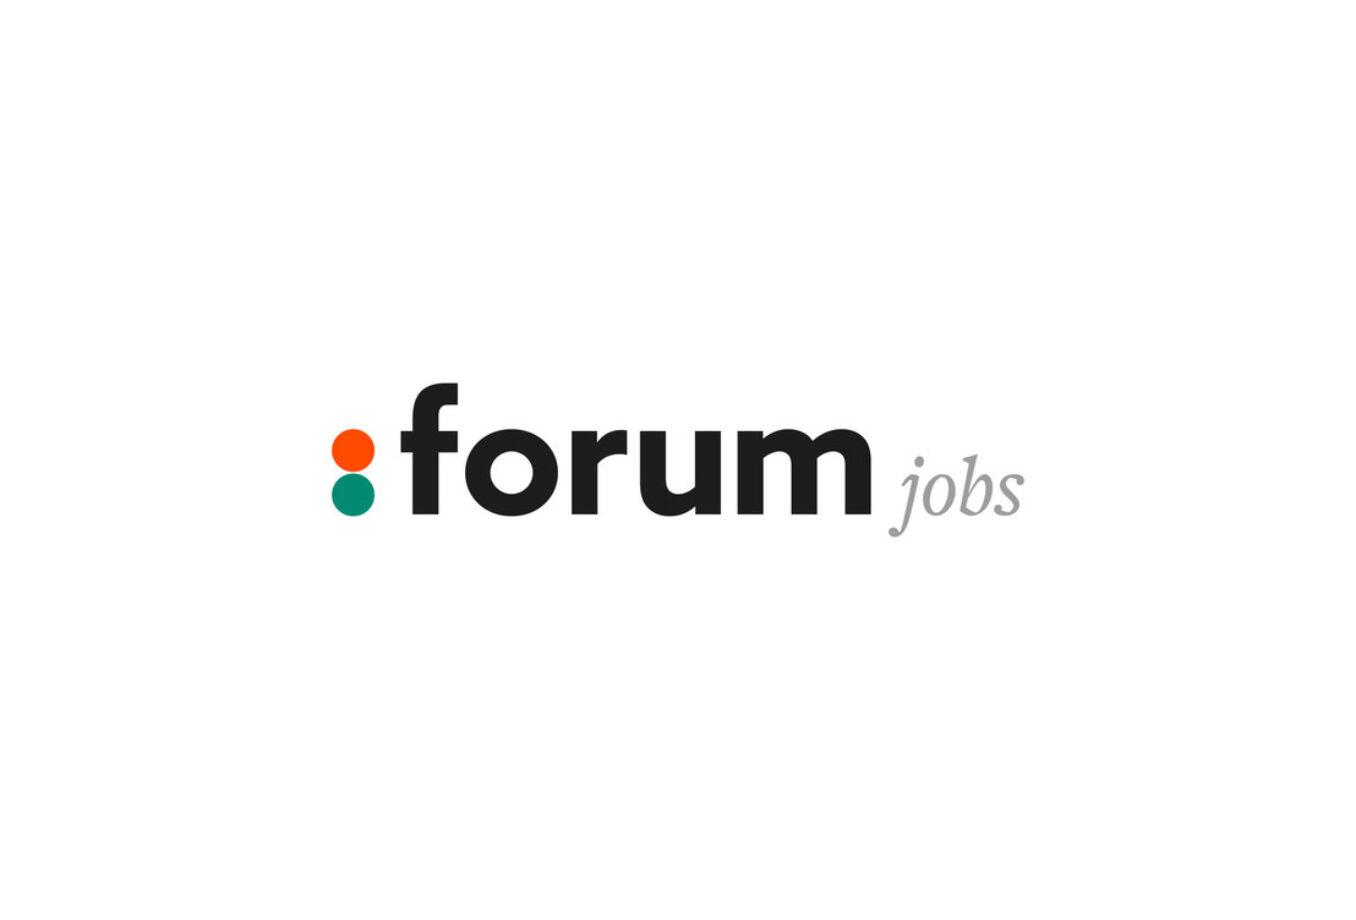 Forum Jobs pakt uit met nieuw logo en huisstijl